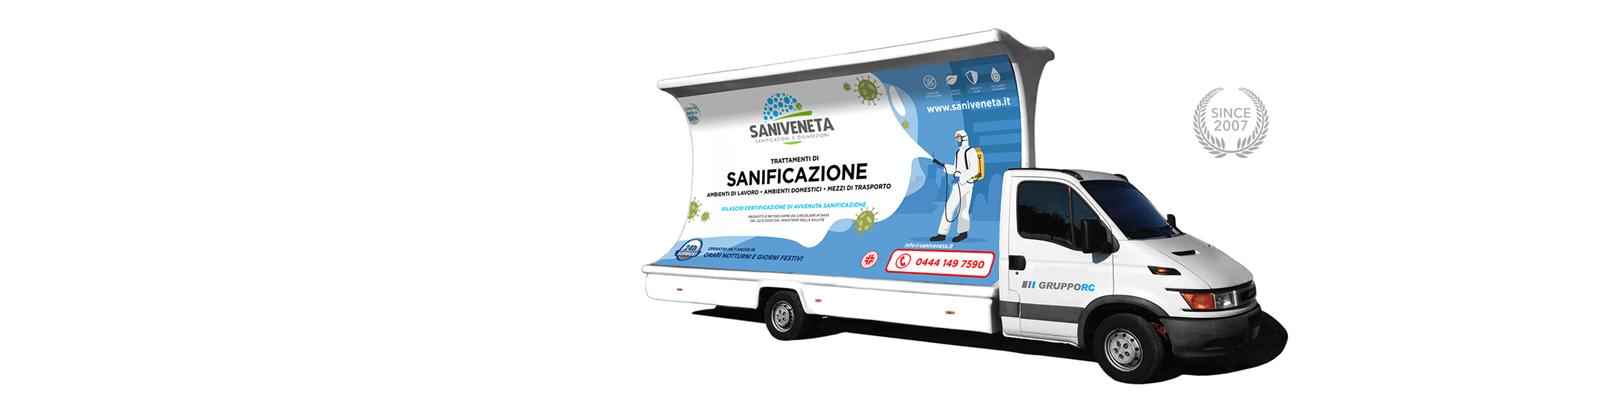 noleggio-camion-vela-verona-vicenza-padova-pubblicita